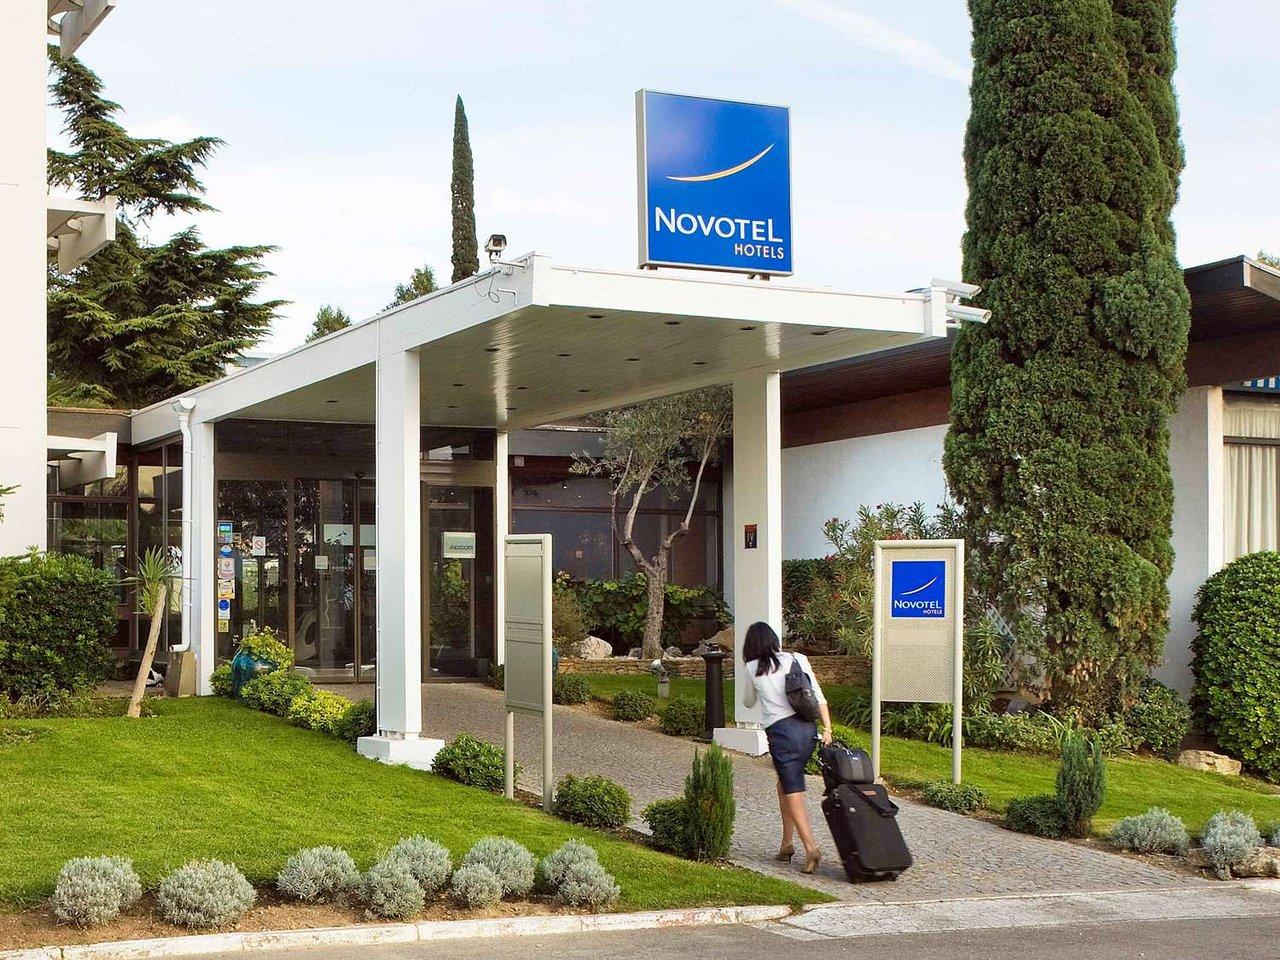 Novotel marseille est hotel marsiglia francia : prezzi 2019 e